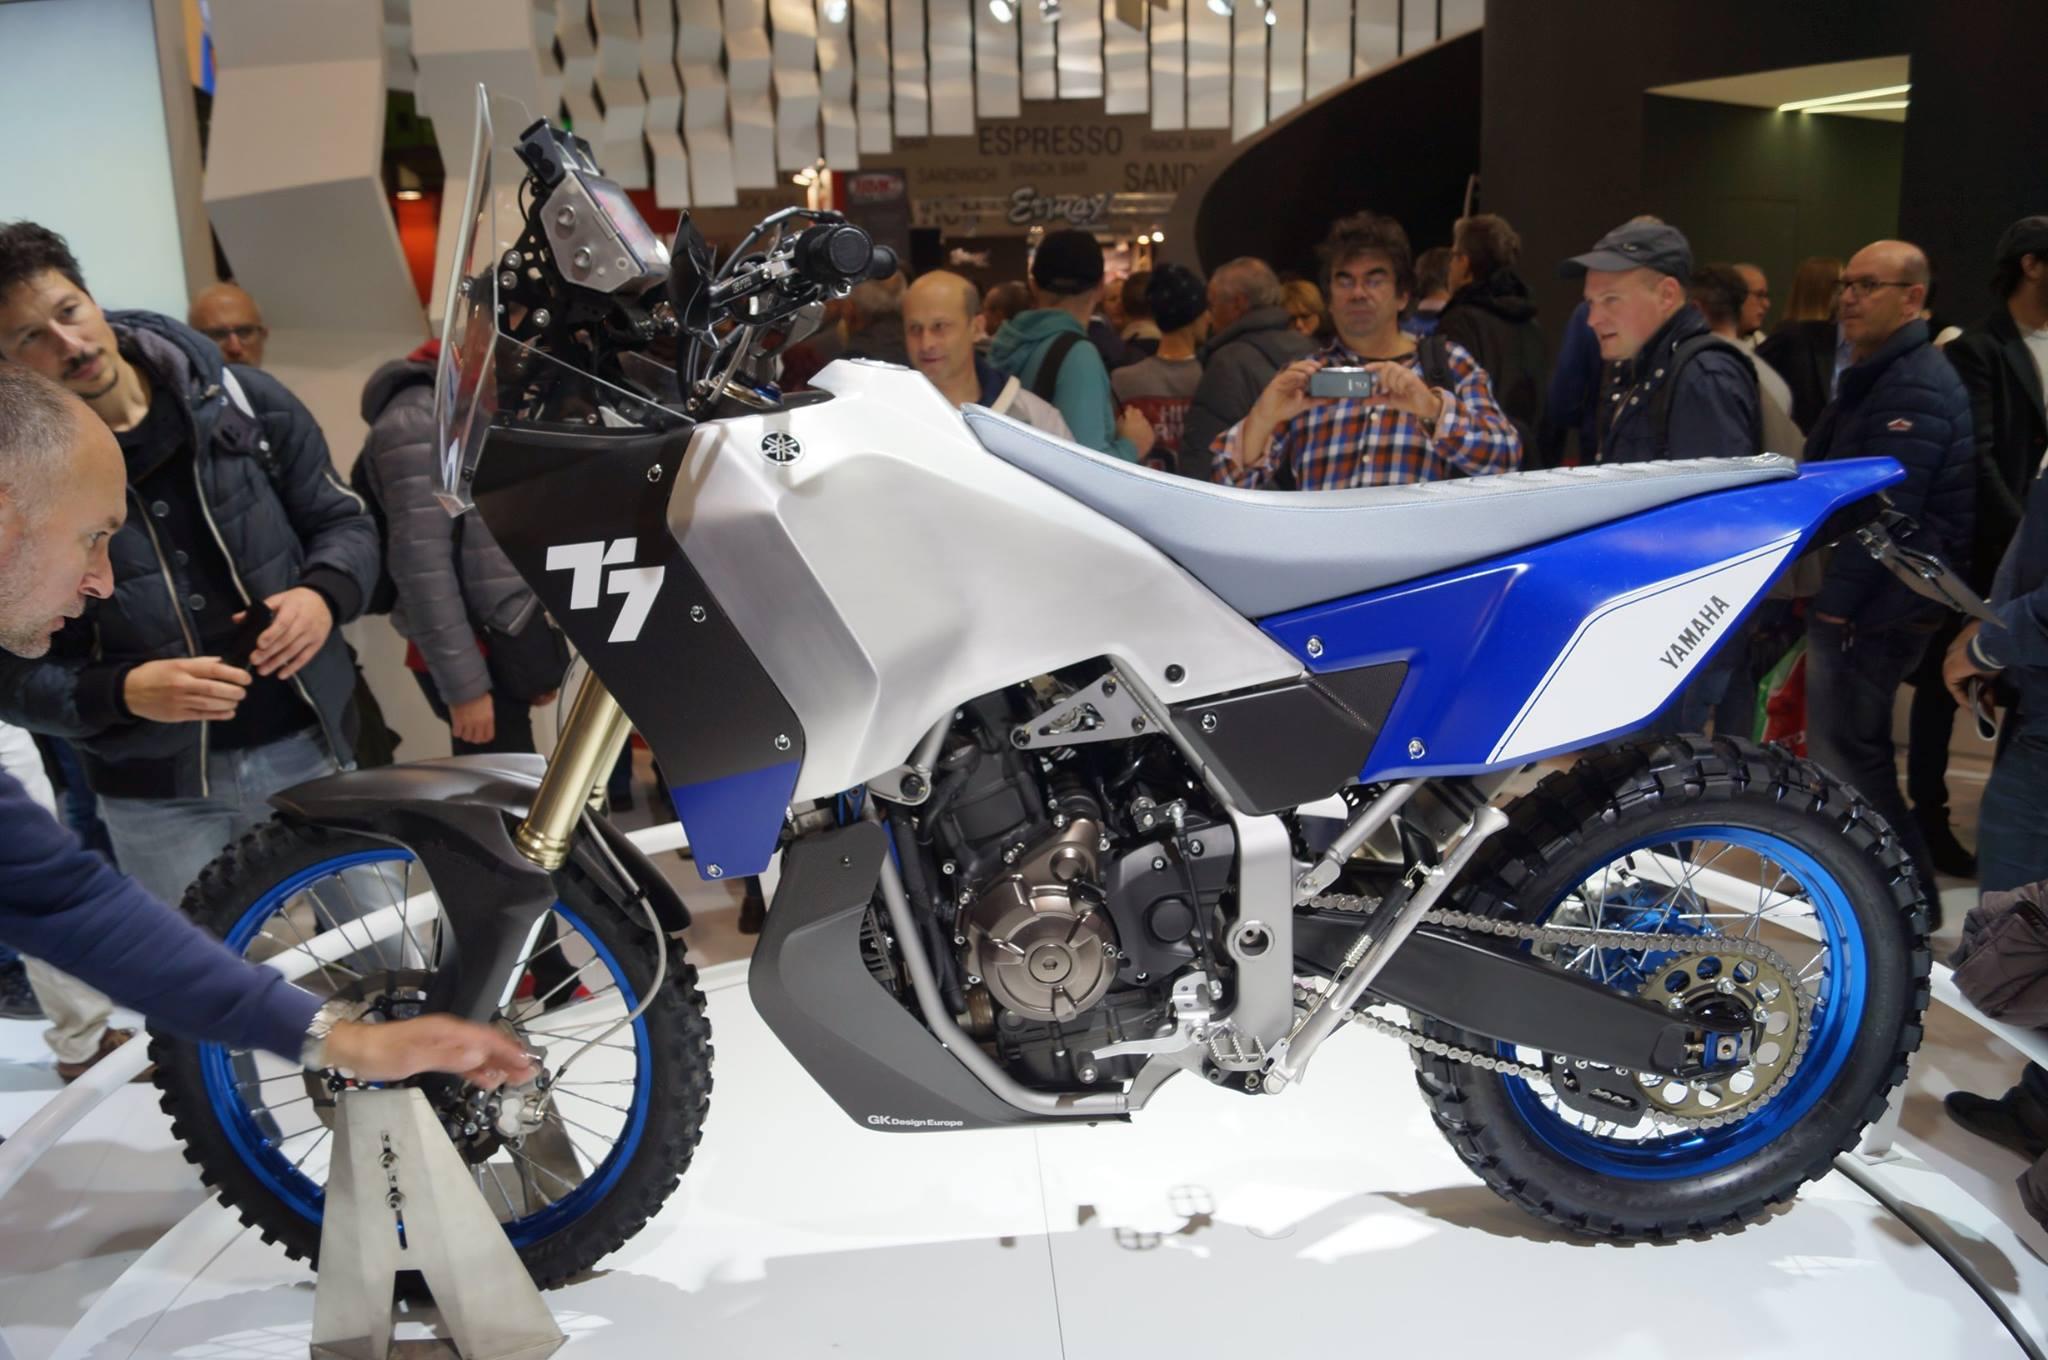 yamaha_t7_motocyklicznie